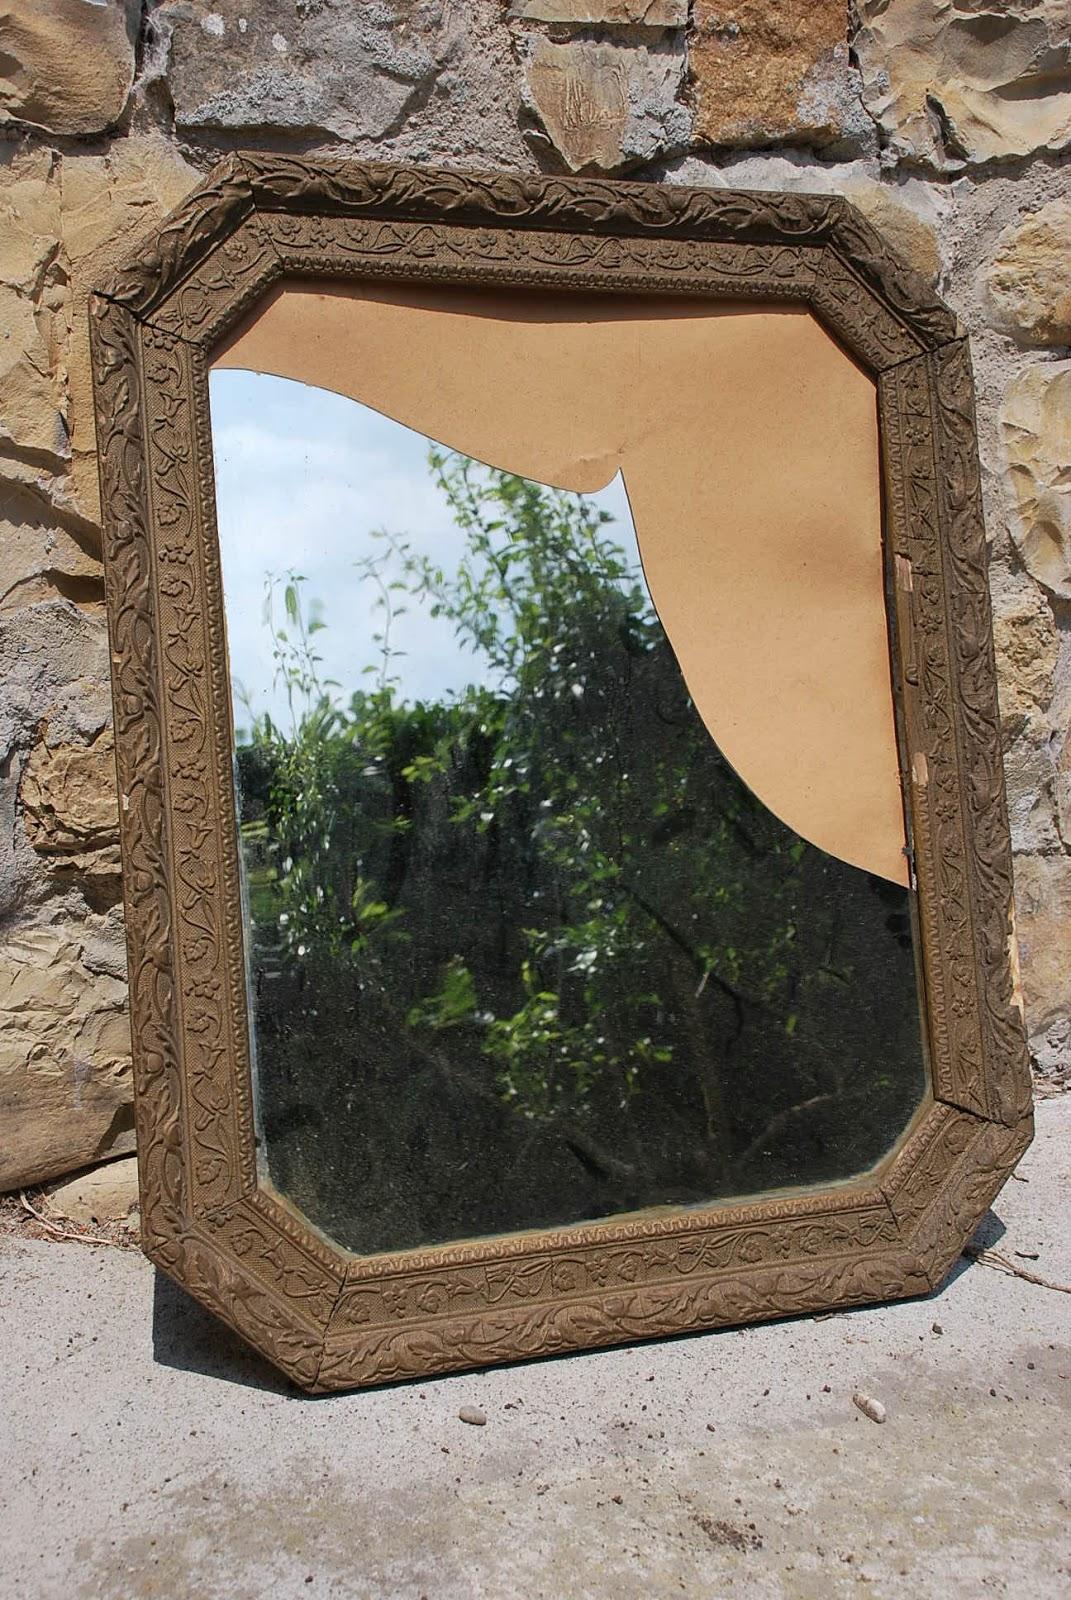 Ca 39 dei duchi cornice con specchio rotto - Specchio rotto sfortuna ...